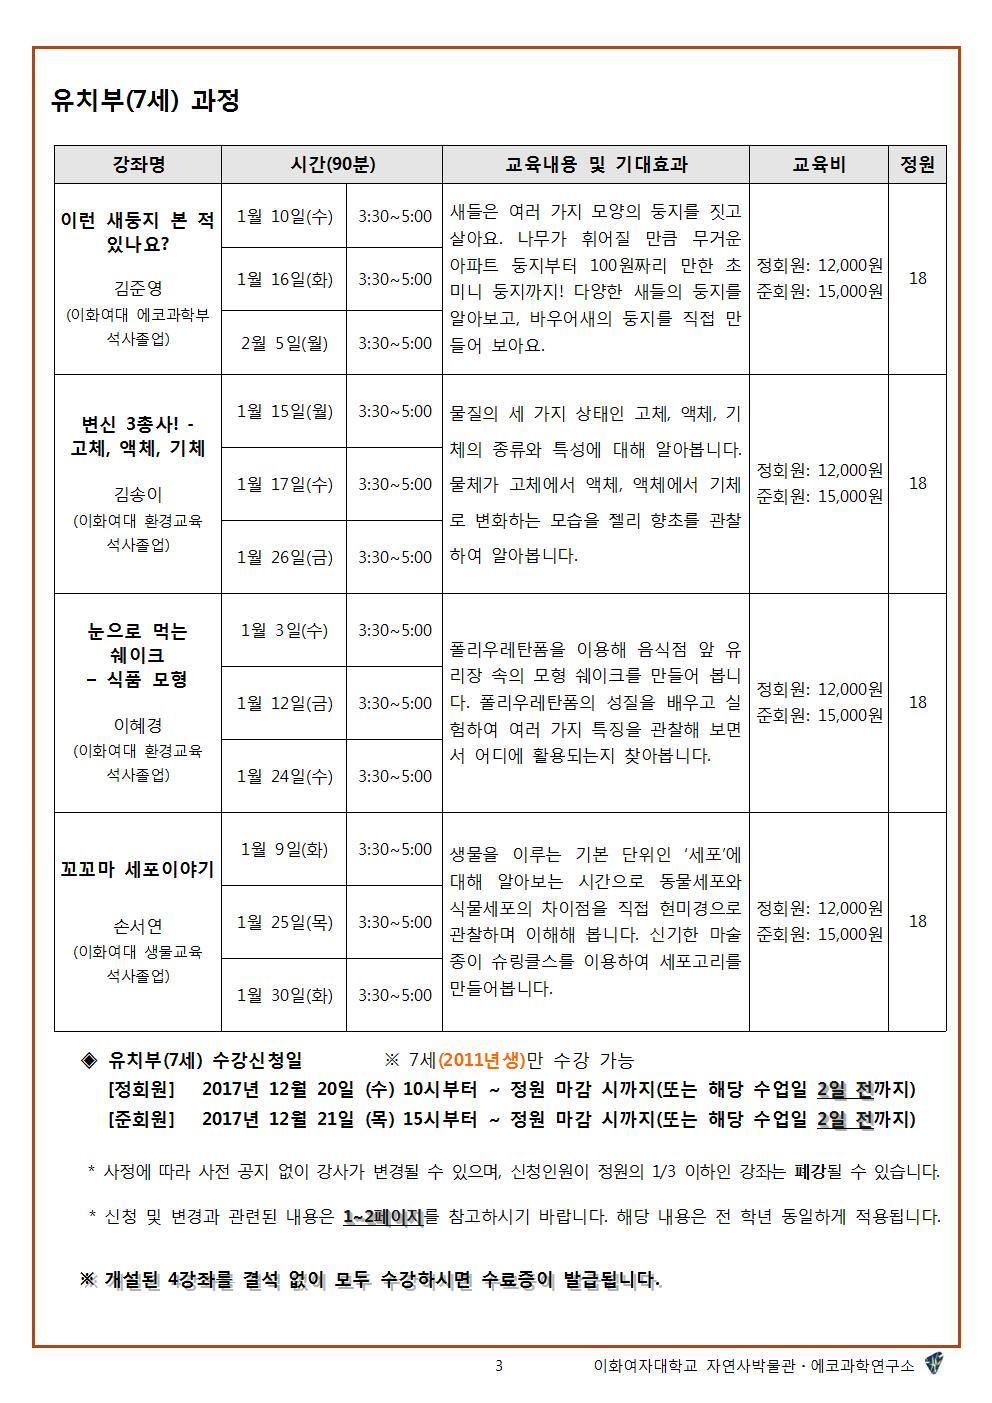 [2017겨울]겨울학기3